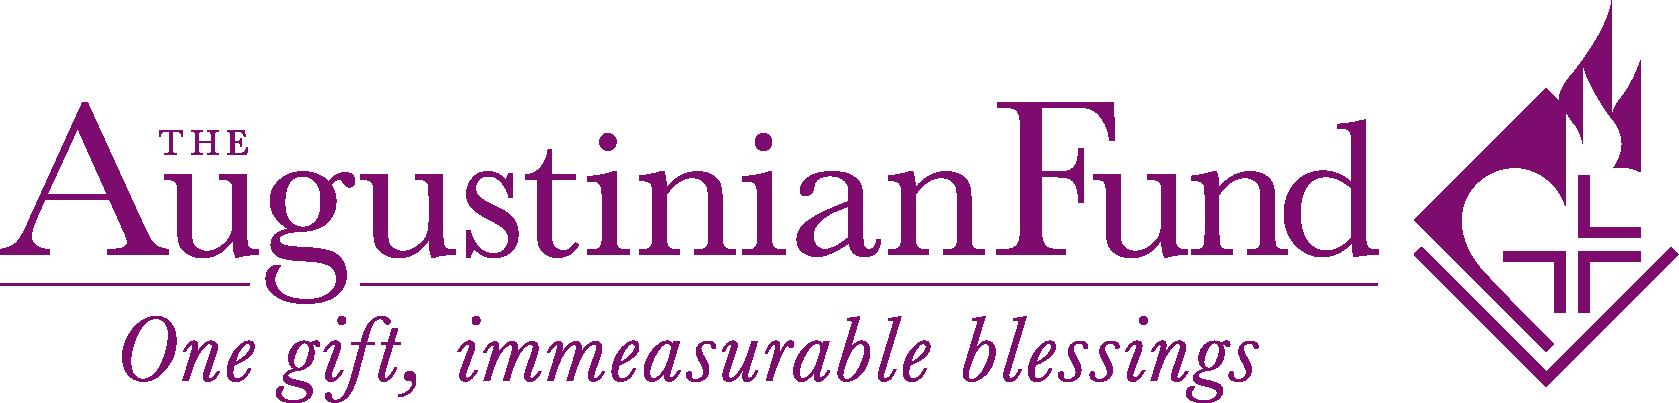 AU_fund_logo_2019.png